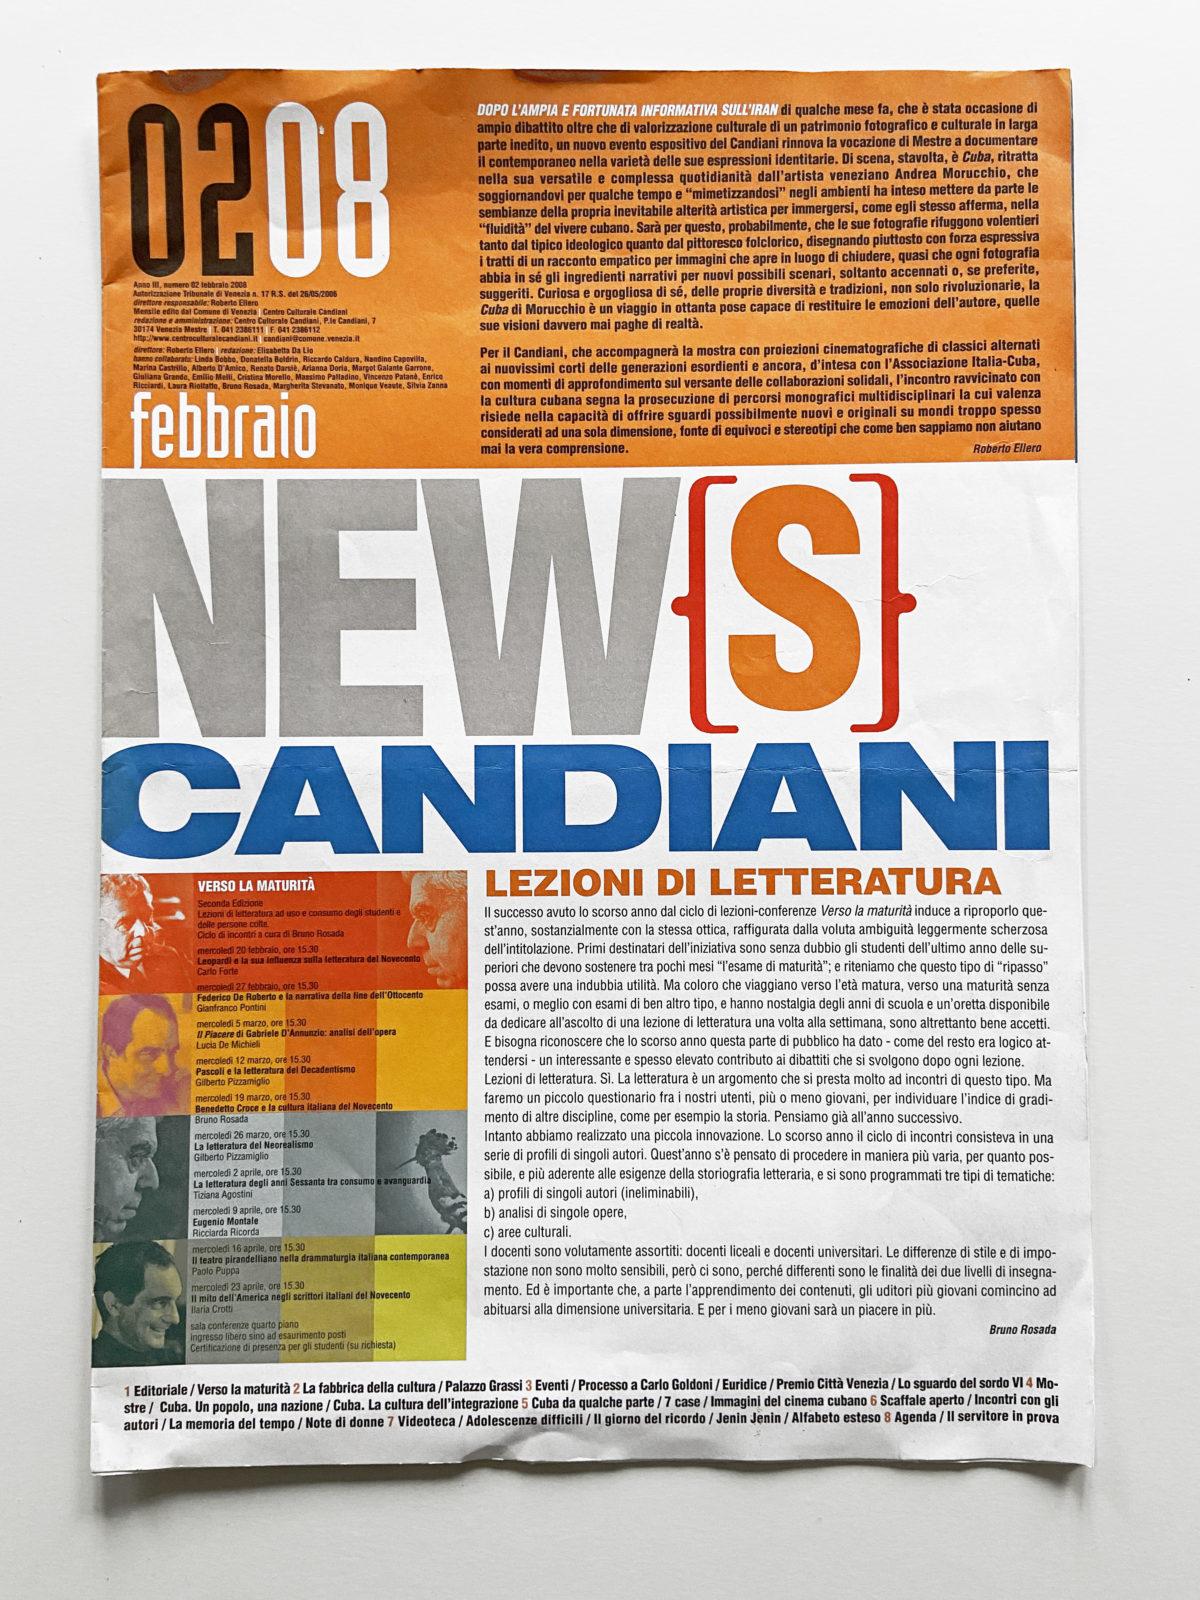 Candiani news | 2008